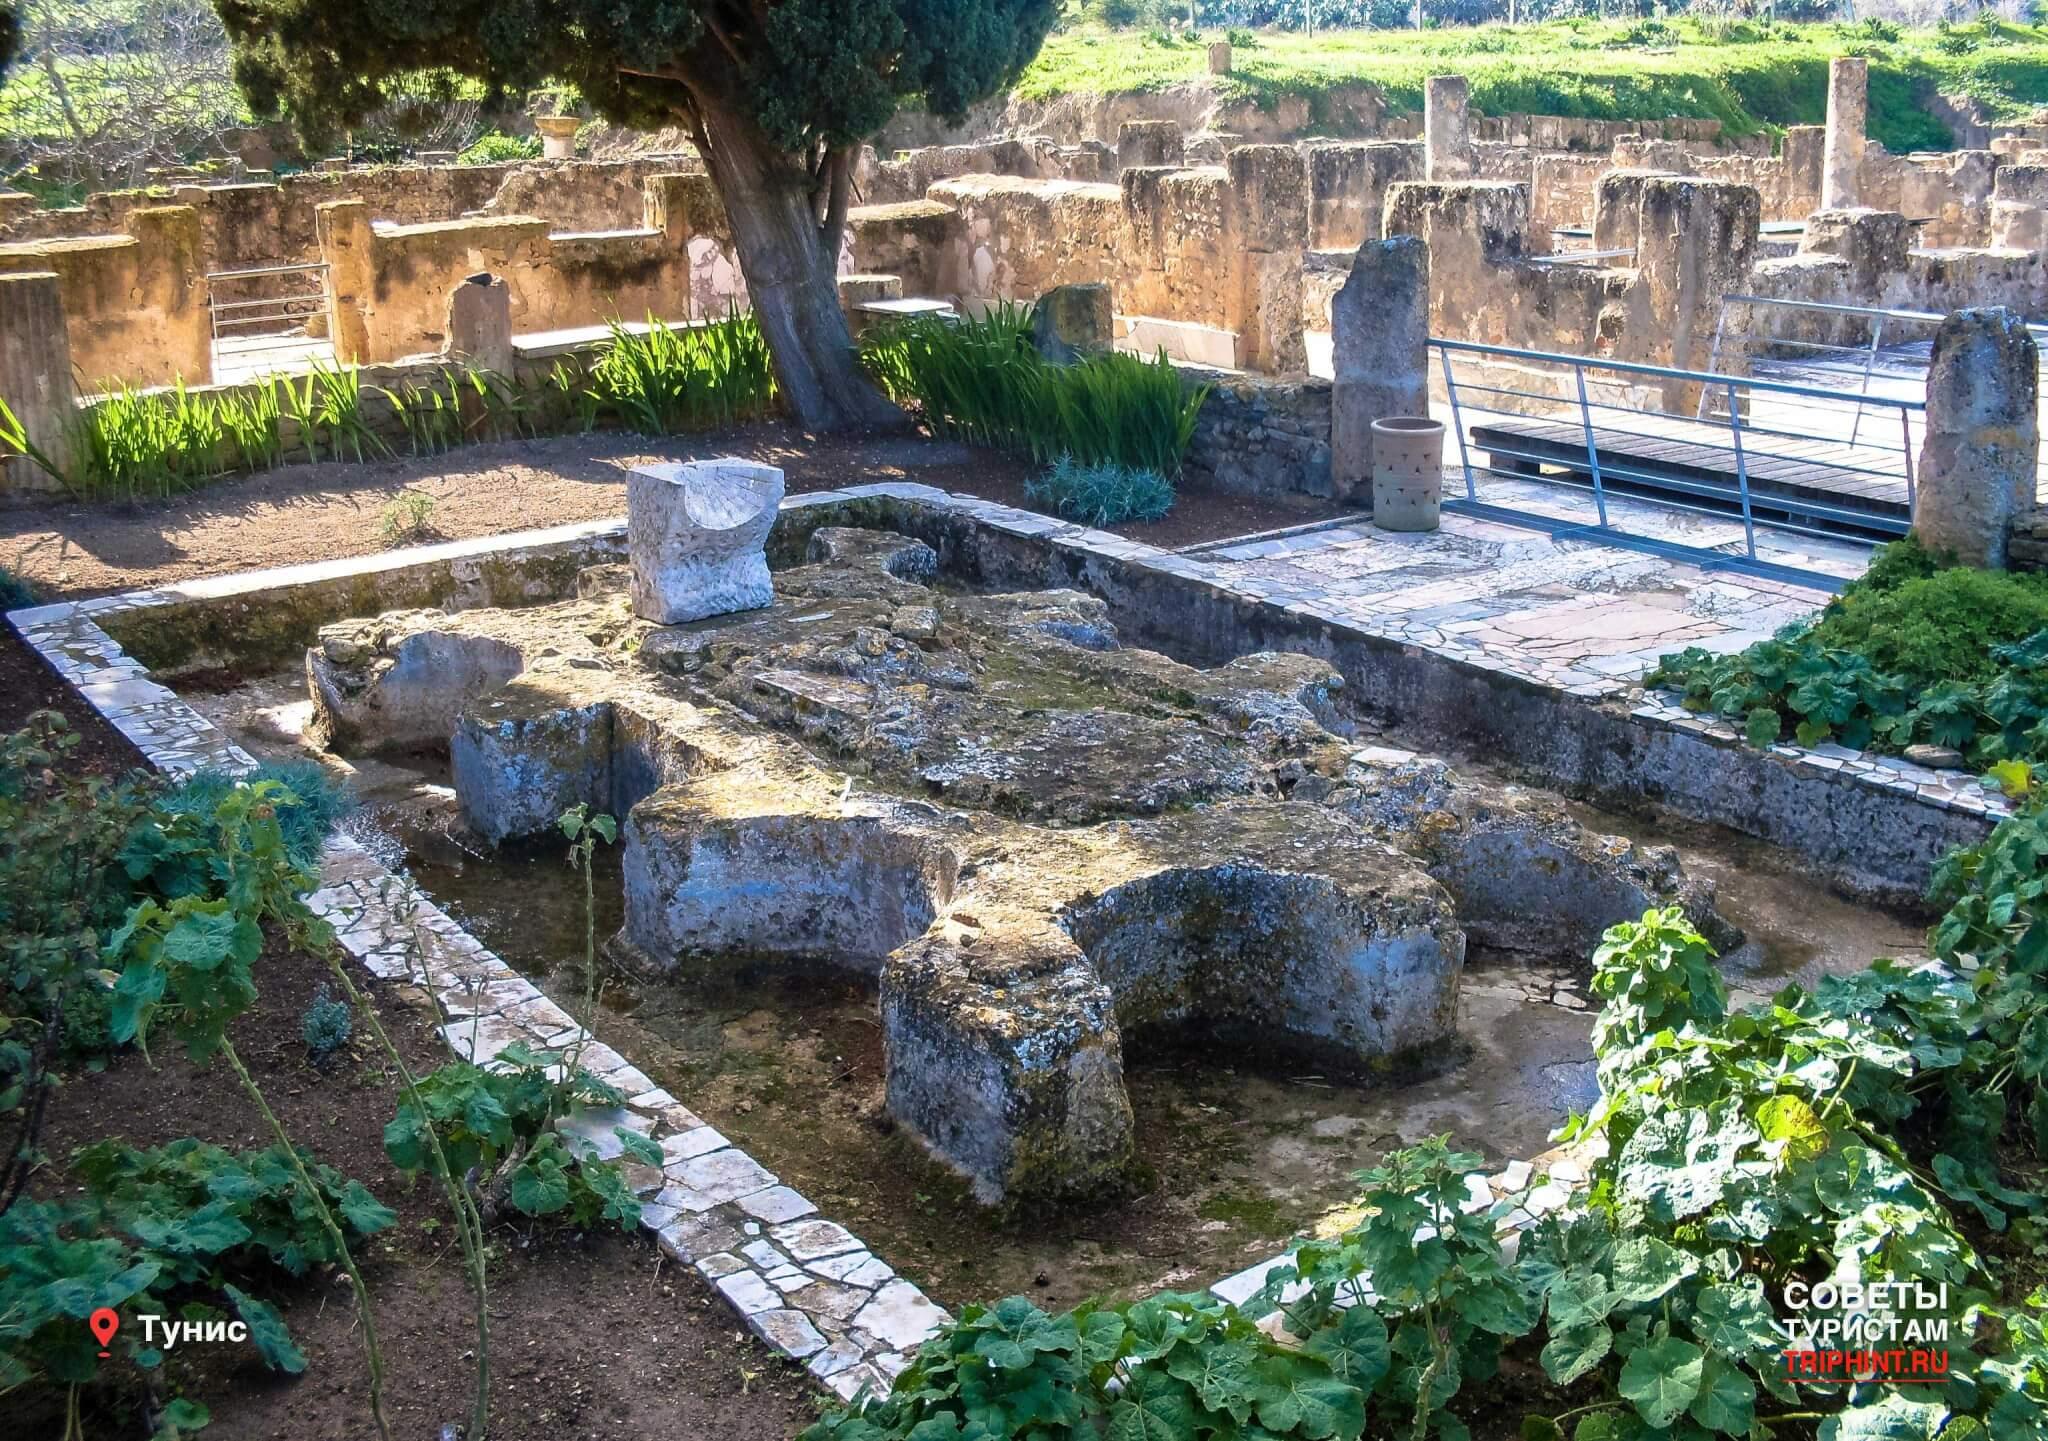 Какие достопримечательности Туниса посетить в октябре? Древний Фонтан